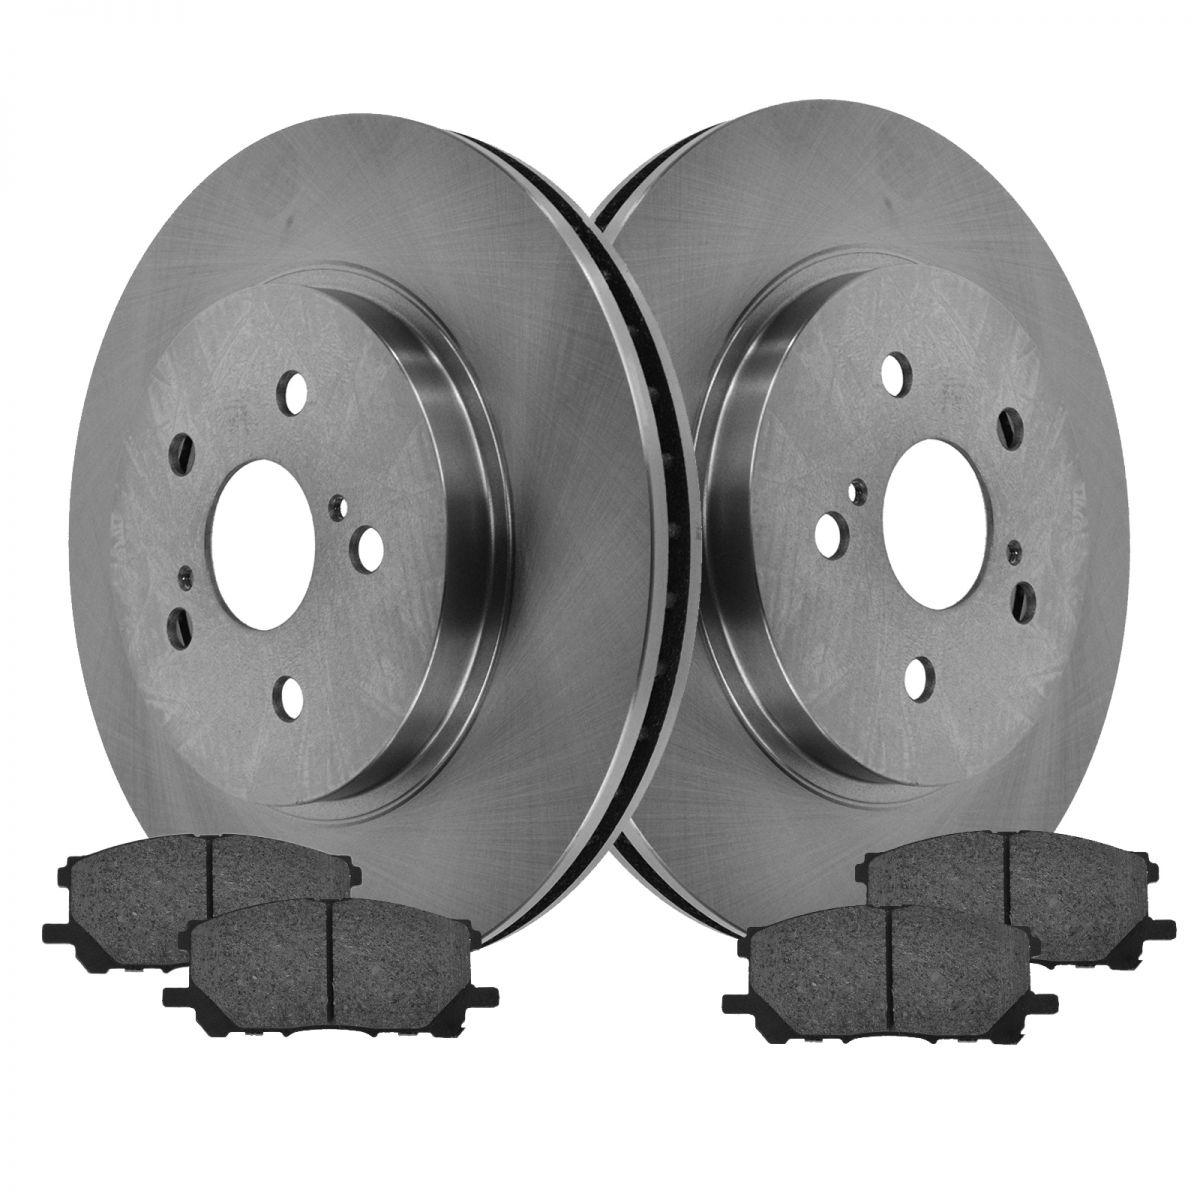 Lexus Brake Pads: Brake Pad Rotor Front Semi Metallic Kit Set For Lexus